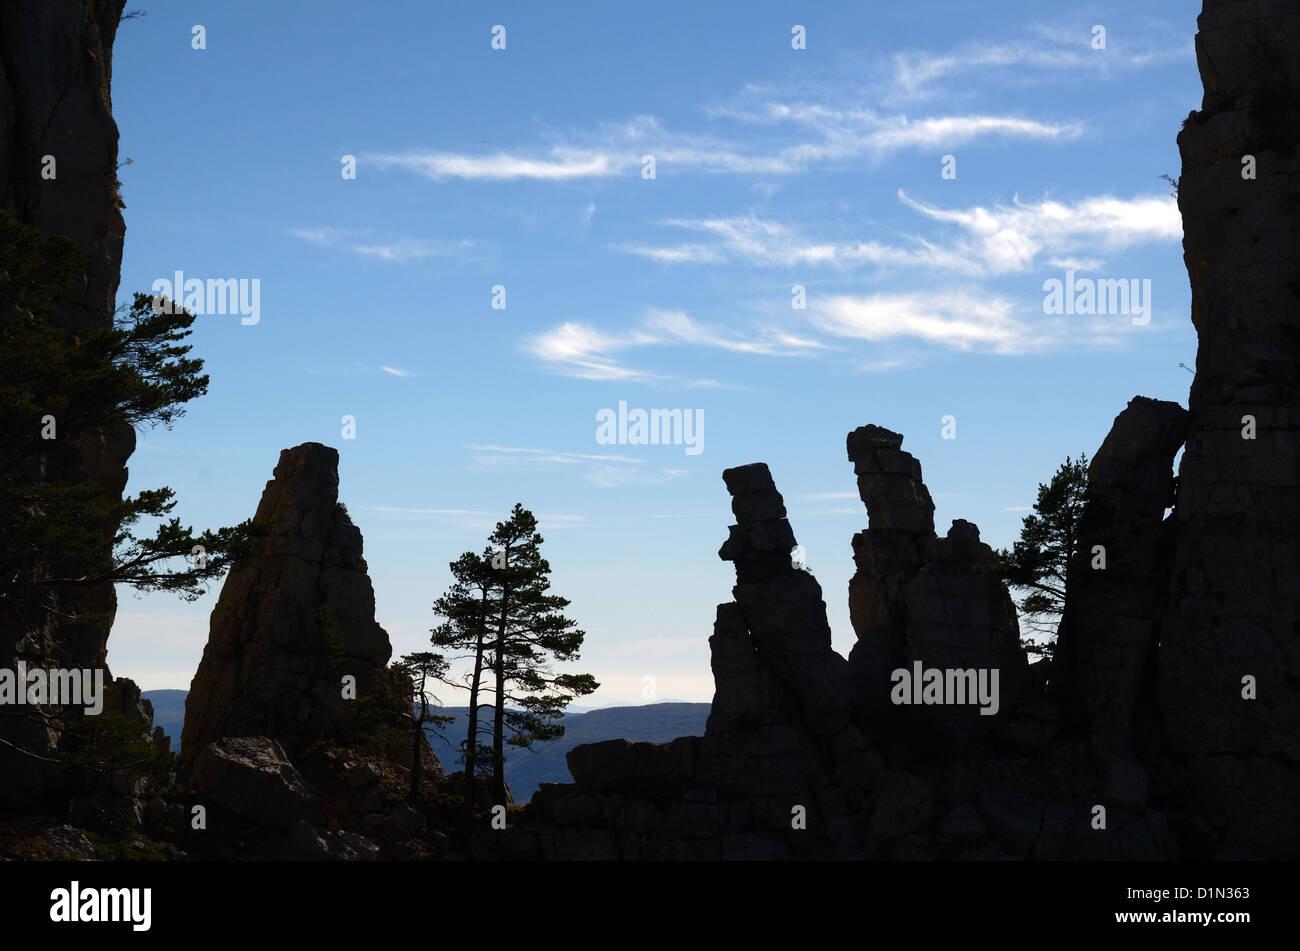 Cadières de Brandis Rock Outcrop Verdon Gorge Provence France - Stock Image